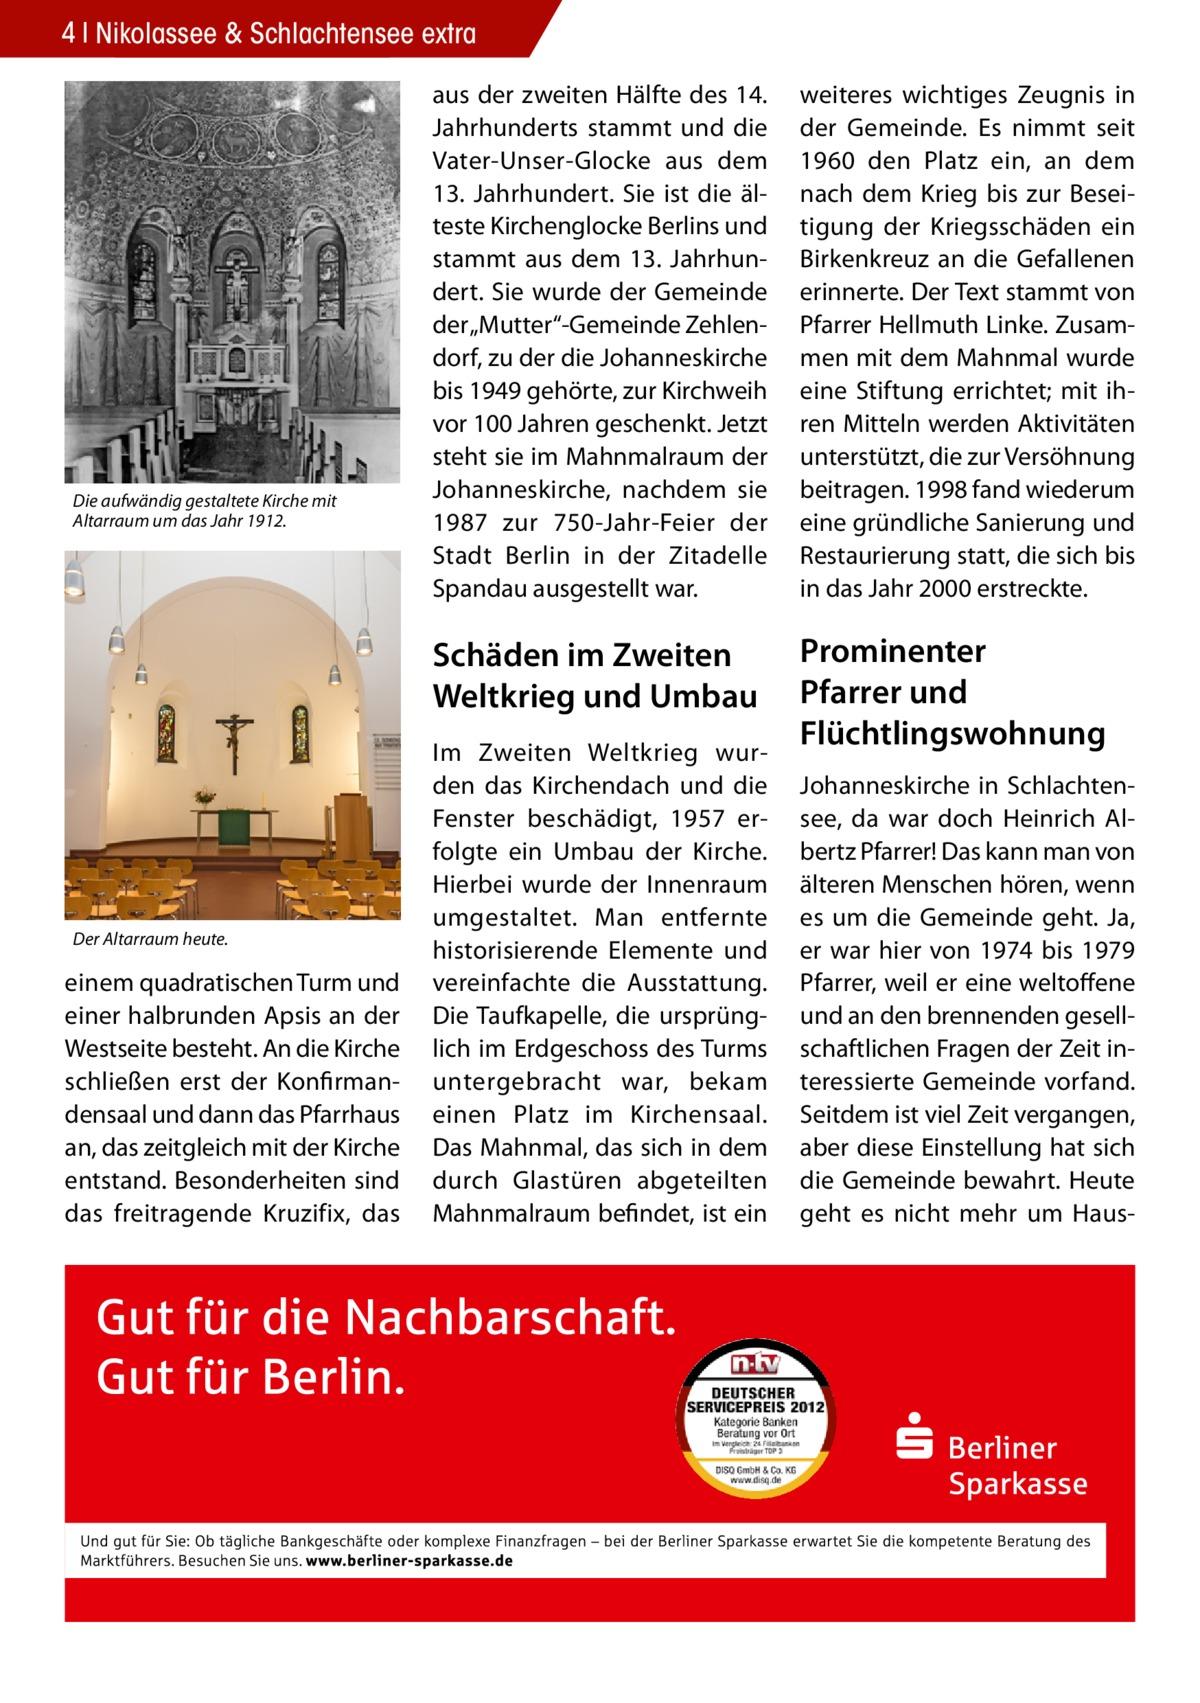 """4 Nikolassee & Schlachtensee extra  Die aufwändig gestaltete Kirche mit Altarraum um das Jahr 1912.  Der Altarraum heute.  einem quadratischen Turm und einer halbrunden Apsis an der Westseite besteht. An die Kirche schließen erst der Konfirmandensaal und dann das Pfarrhaus an, das zeitgleich mit der Kirche entstand. Besonderheiten sind das freitragende Kruzifix, das  aus der zweiten Hälfte des 14. Jahrhunderts stammt und die Vater-Unser-Glocke aus dem 13. Jahrhundert. Sie ist die älteste Kirchenglocke Berlins und stammt aus dem 13. Jahrhundert. Sie wurde der Gemeinde der """"Mutter""""‐Gemeinde Zehlendorf, zu der die Johanneskirche bis 1949 gehörte, zur Kirchweih vor 100 Jahren geschenkt. Jetzt steht sie im Mahnmalraum der Johanneskirche, nachdem sie 1987 zur 750‐Jahr‐Feier der Stadt Berlin in der Zitadelle Spandau ausgestellt war.  weiteres wichtiges Zeugnis in der Gemeinde. Es nimmt seit 1960 den Platz ein, an dem nach dem Krieg bis zur Beseitigung der Kriegsschäden ein Birkenkreuz an die Gefallenen erinnerte. Der Text stammt von Pfarrer Hellmuth Linke. Zusammen mit dem Mahnmal wurde eine Stiftung errichtet; mit ihren Mitteln werden Aktivitäten unterstützt, die zur Versöhnung beitragen. 1998 fand wiederum eine gründliche Sanierung und Restaurierung statt, die sich bis in das Jahr 2000 erstreckte.  Schäden im Zweiten Weltkrieg und Umbau  Prominenter Pfarrer und Flüchtlingswohnung  Im Zweiten Weltkrieg wurden das Kirchendach und die Fenster beschädigt, 1957 erfolgte ein Umbau der Kirche. Hierbei wurde der Innenraum umgestaltet. Man entfernte historisierende Elemente und vereinfachte die Ausstattung. Die Taufkapelle, die ursprünglich im Erdgeschoss des Turms untergebracht war, bekam einen Platz im Kirchensaal. Das Mahnmal, das sich in dem durch Glastüren abgeteilten Mahnmalraum befindet, ist ein  Johanneskirche in Schlachtensee, da war doch Heinrich Albertz Pfarrer! Das kann man von älteren Menschen hören, wenn es um die Gemeinde geht. Ja, er war hier von 1974 bis 1979 Pfa"""